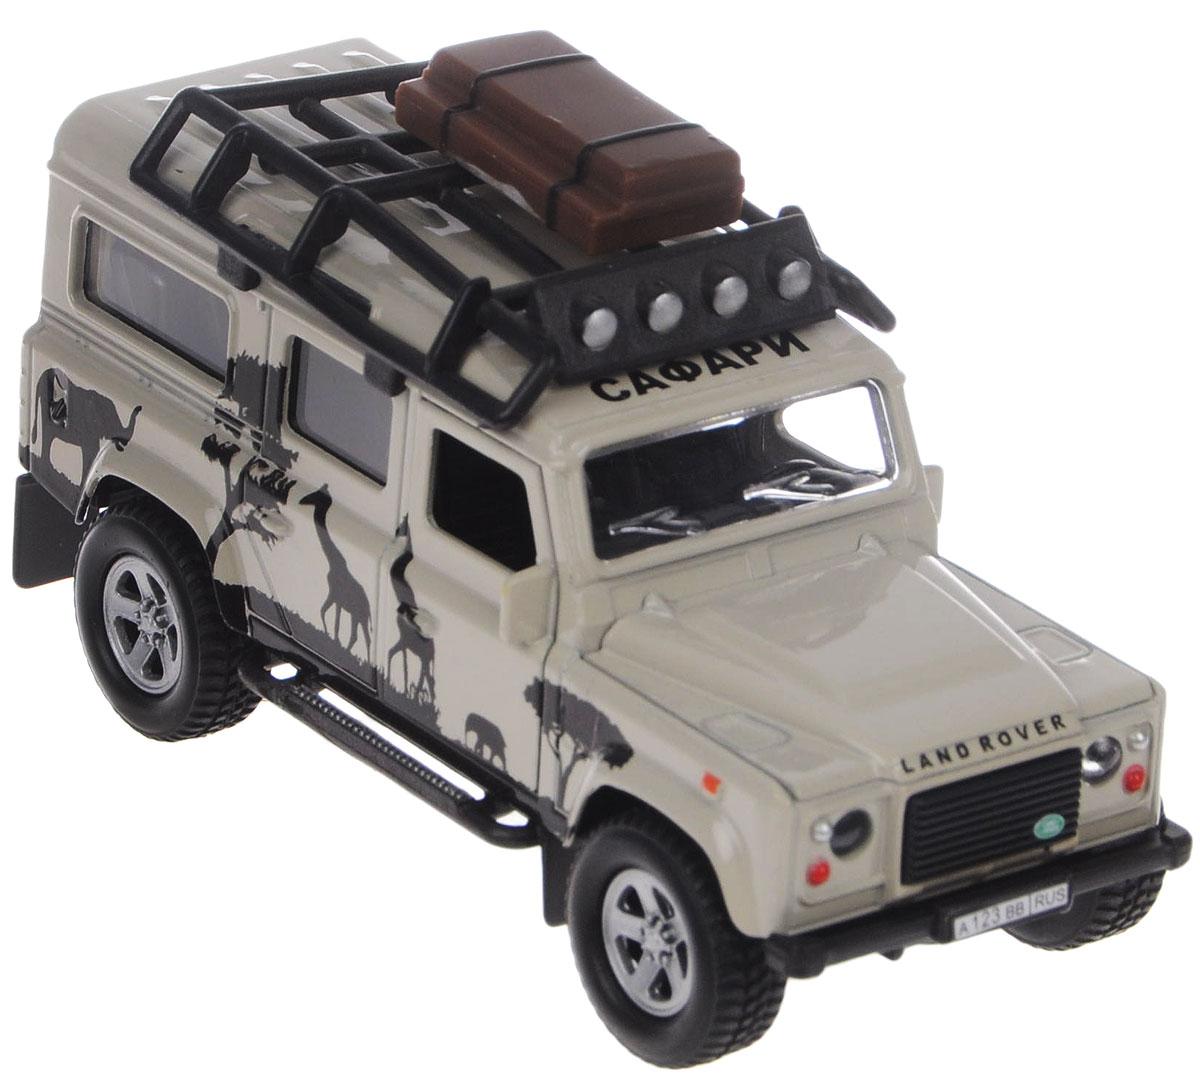 Пламенный мотор Машинка инерционная Land Rover Сафари87512Машинка инерционная Пламенный мотор Land Rover. Сафари - реалистично смоделированная игрушка для маленьких автолюбителей. Отличается хорошей детализацией и качественным видом. В машинку встроен инерционный механизм, который может привезти игрушку в движение, стоит только откатить машинку назад, а затем отпустить. Если нажать на капот, то послышится звук мотора и музыка, засветятся фары. Передние двери открываются. Машинка подойдет для игры как дома, так и на улице. Выполнена из качественных материалов, которые не вредят здоровью ребенка. Рекомендуется докупить 3 батарейки типа LR41 (товар комплектуется демонстрационными).